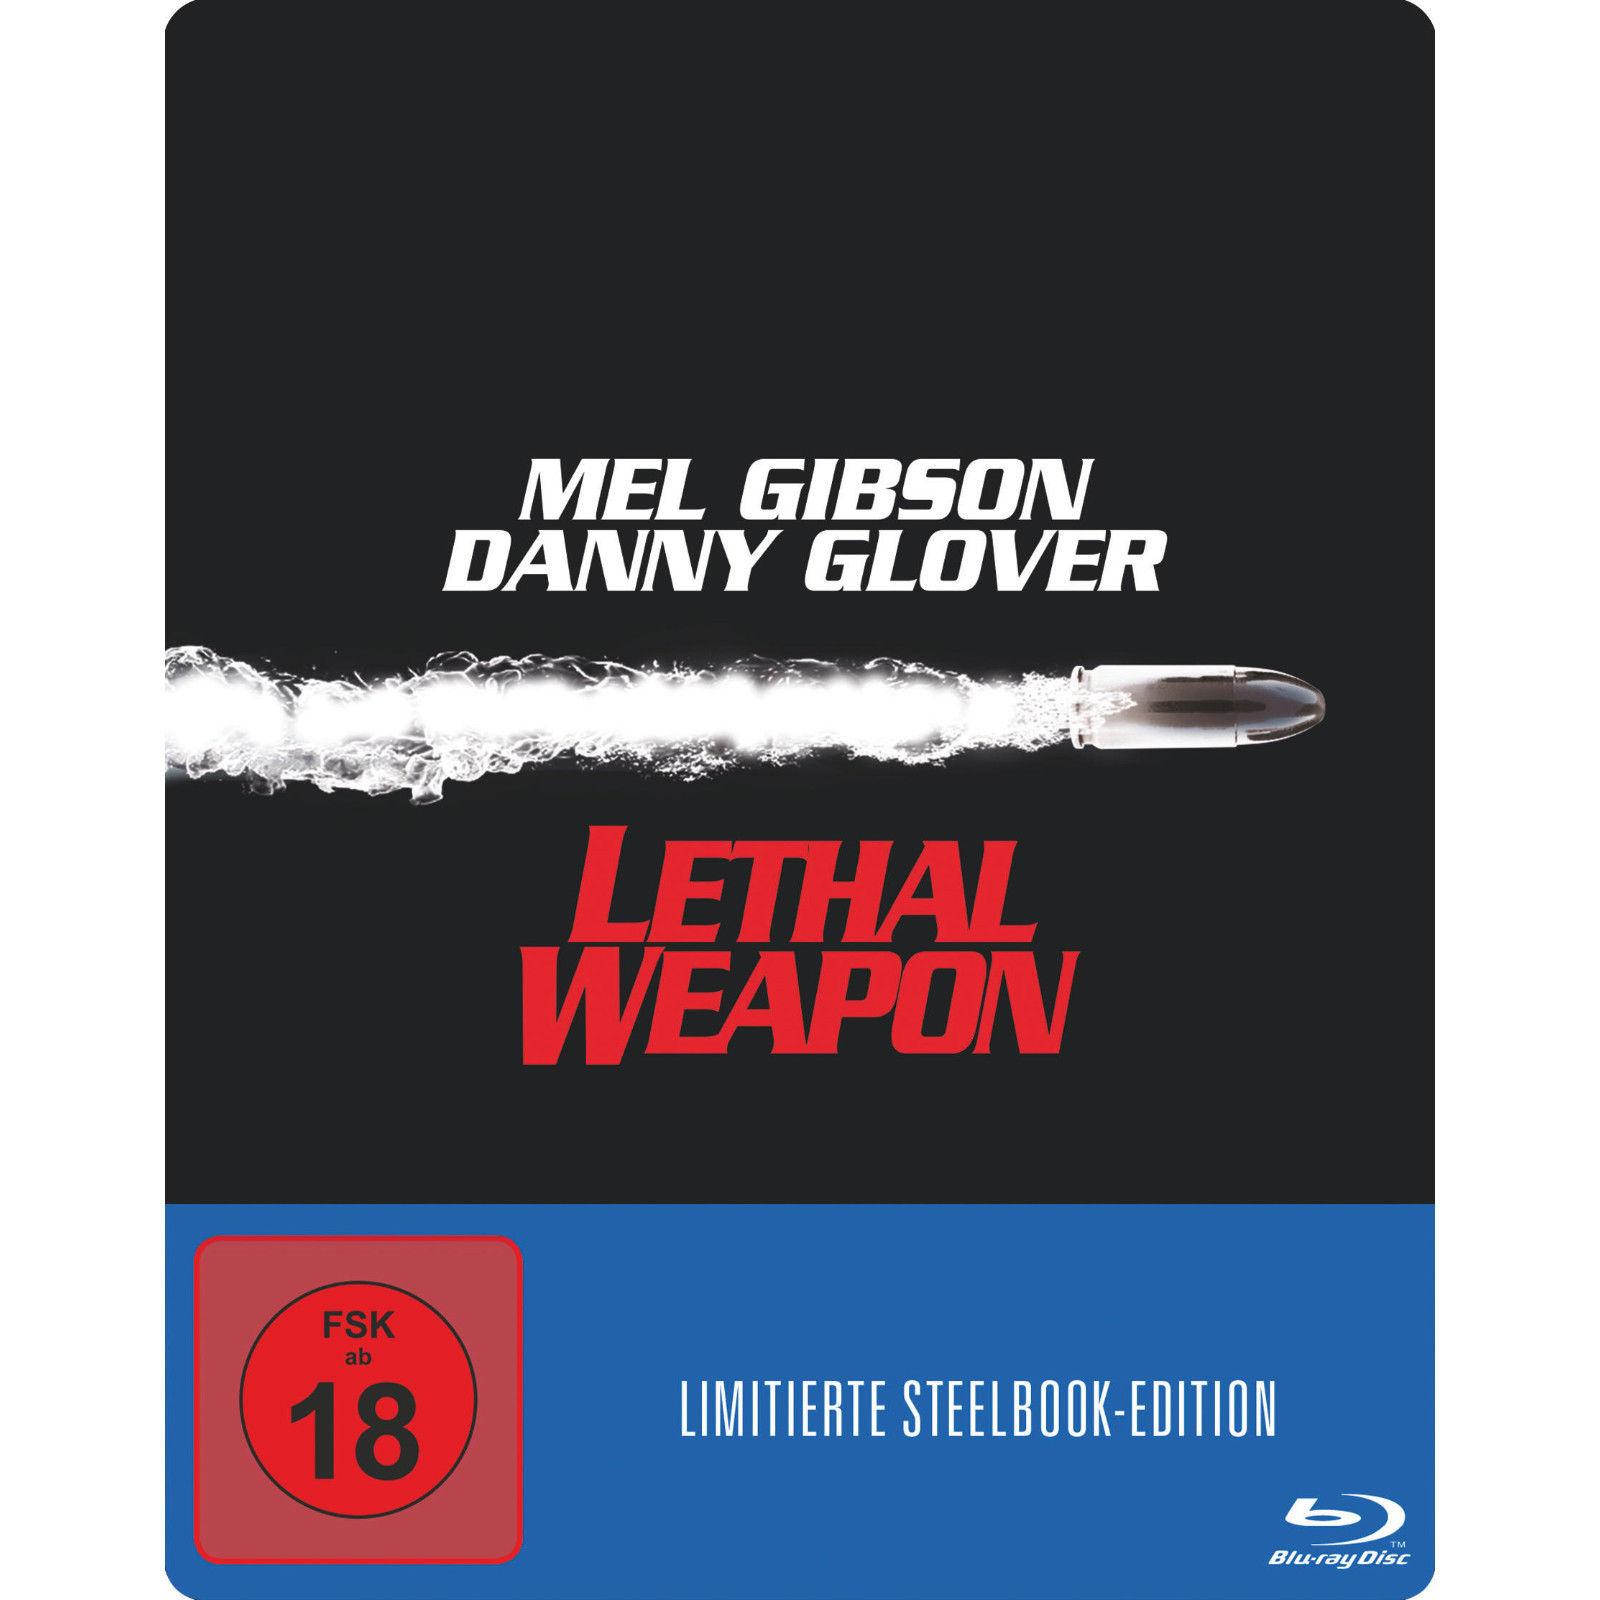 Lethal Weapon 1 Zwei stahlharte Profis Steelbook (Blu-ray) & Lethal Weapon 3 Die Profis sind zurück Steelbook (Blu-ray) & Lethal Weapon 4 Zwei Profis räumen auf Steelbook (Blu-ray) für je 5€ (Media Markt)